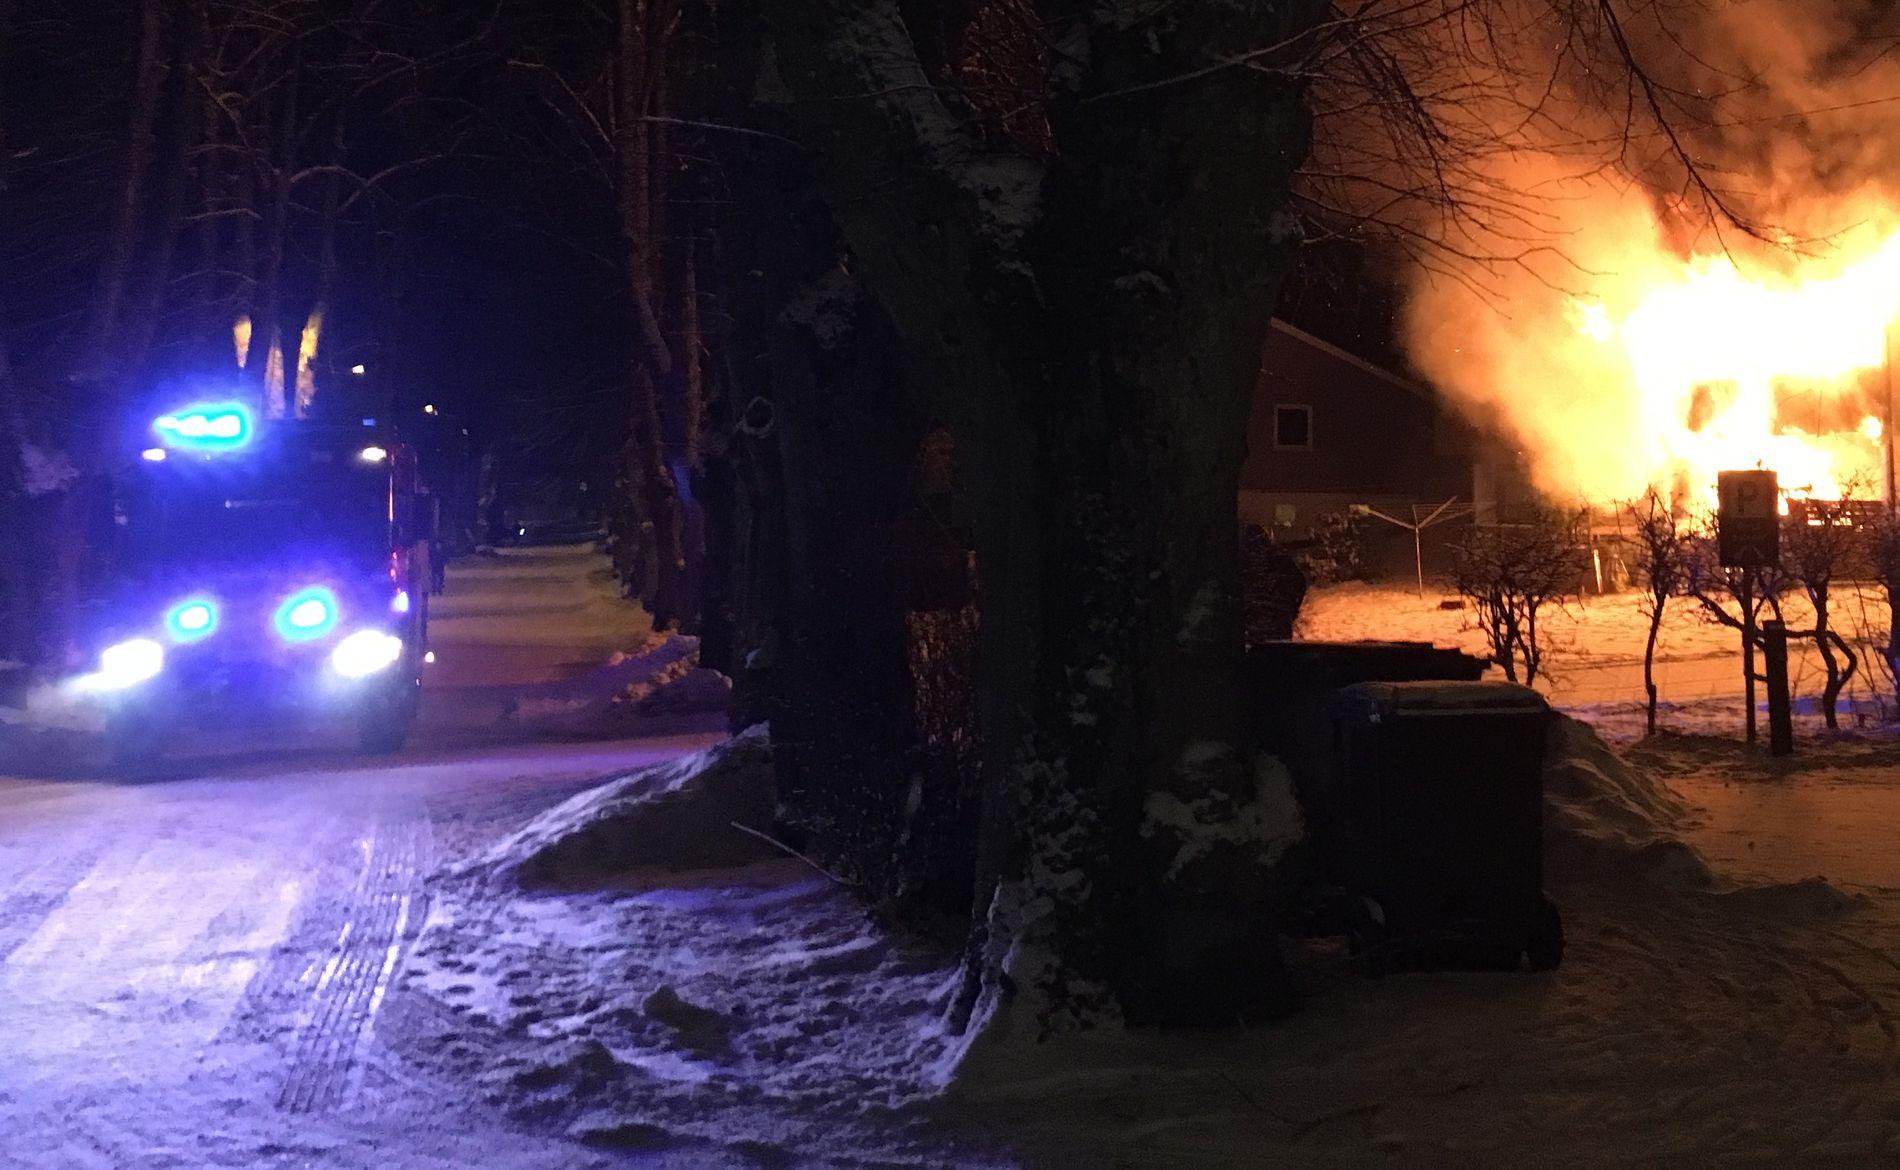 DØDSBRANN: En person er funnet omkommet etter en brann i Moss tirsdag kveld.